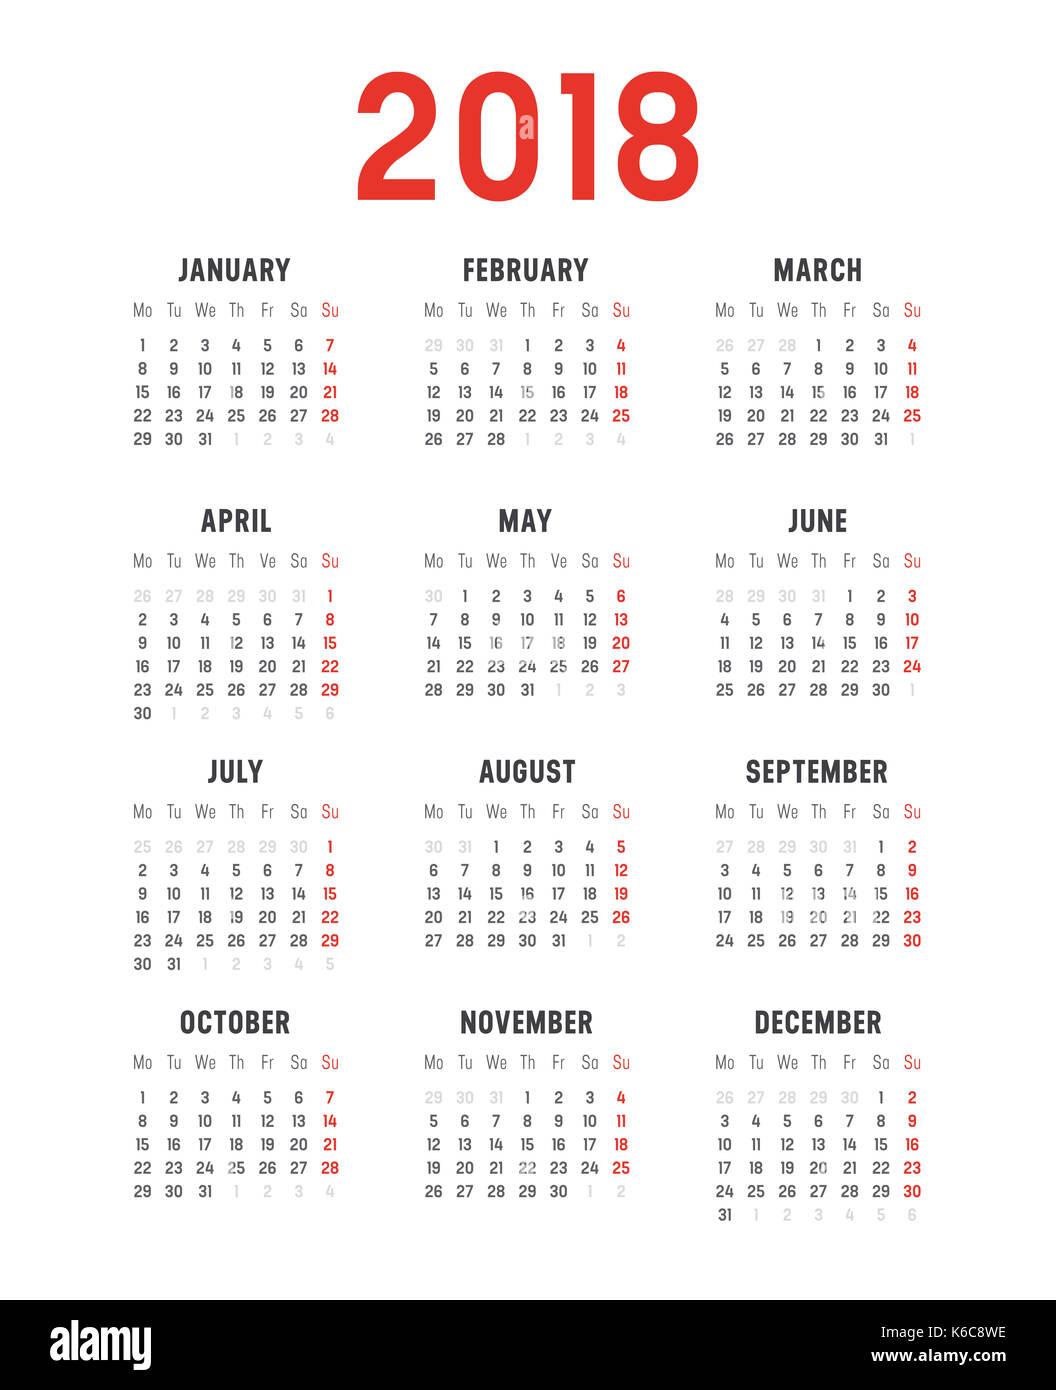 Année 2018 Calendrier minimaliste, sur fond blanc. vecteur modèle - semaines commencent le lundi Photo Stock